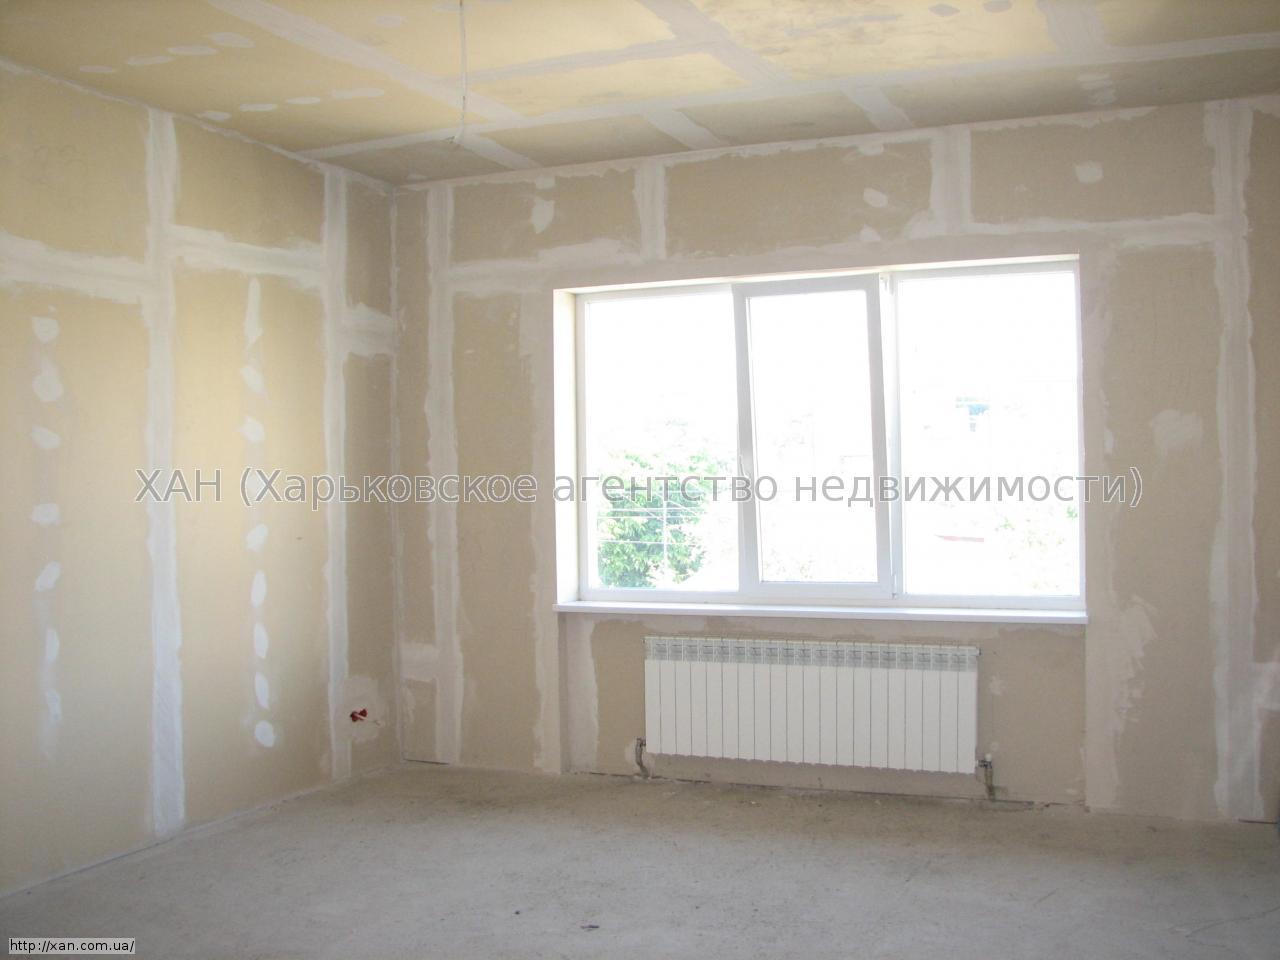 Продам дом Харьков, Новоалексеевская ул. 4